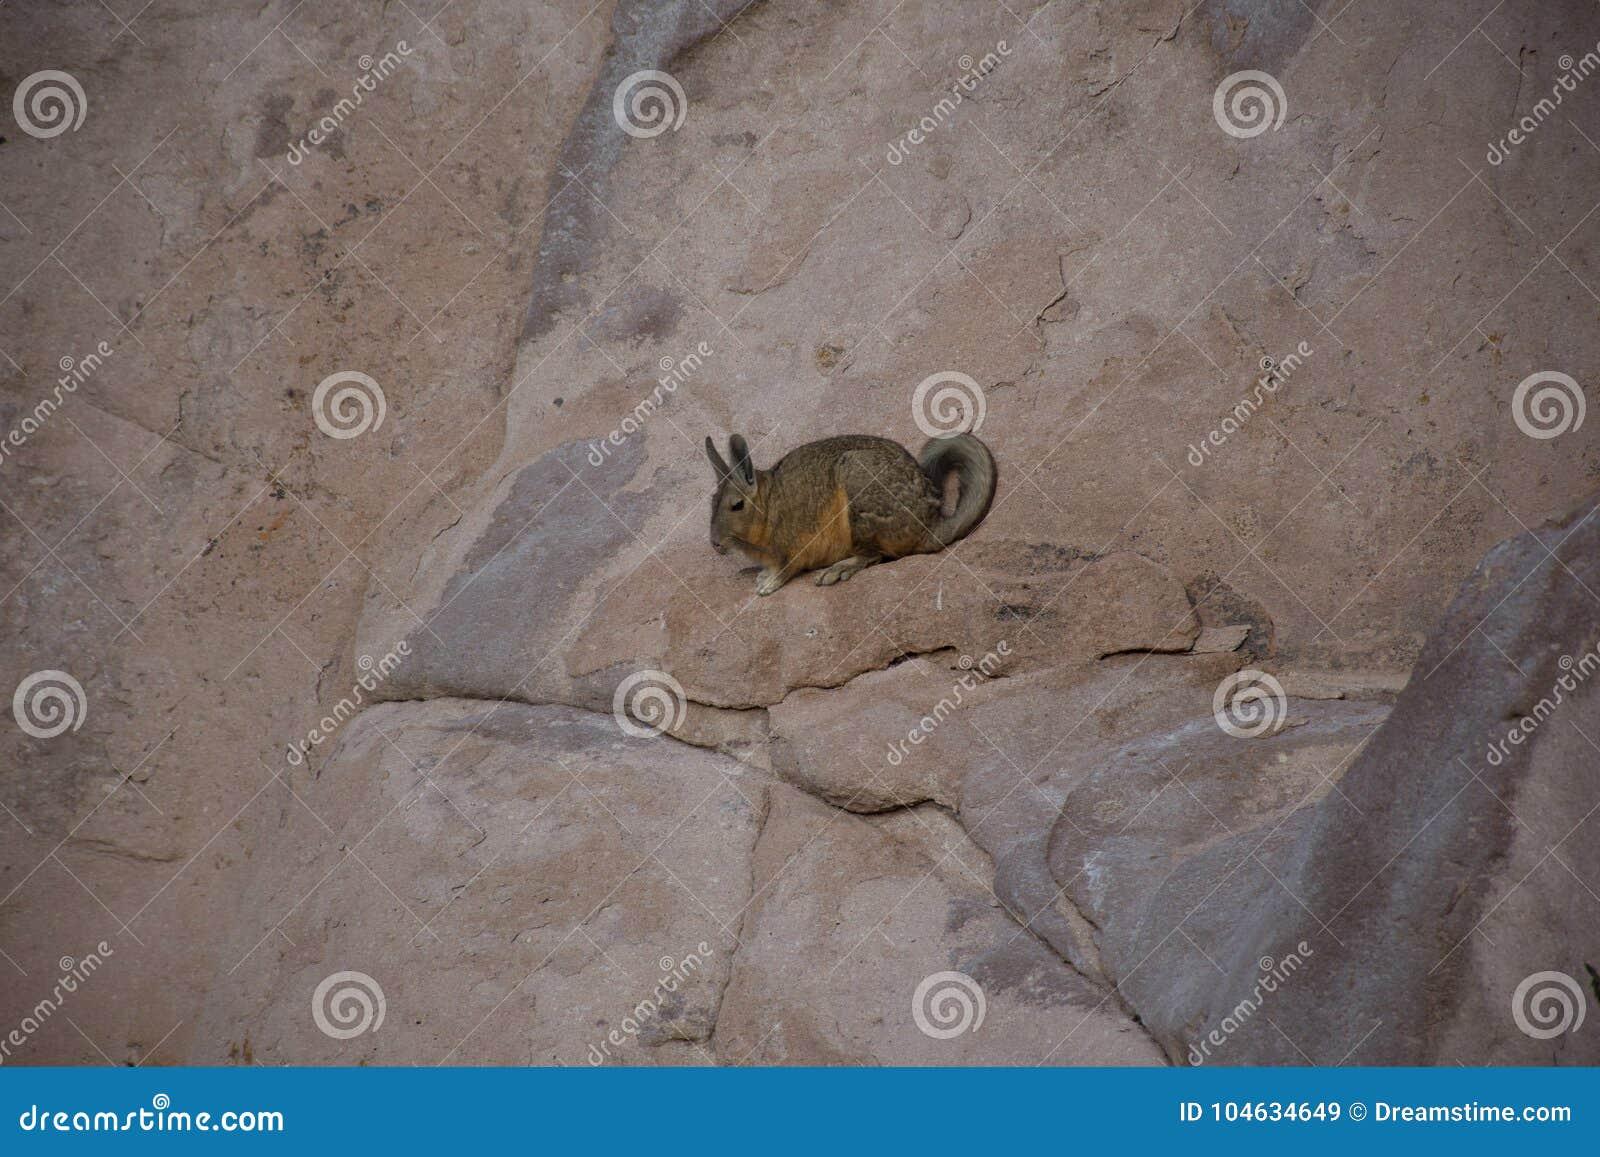 Download Vizcacha, dier, knaagdier stock afbeelding. Afbeelding bestaande uit life - 104634649